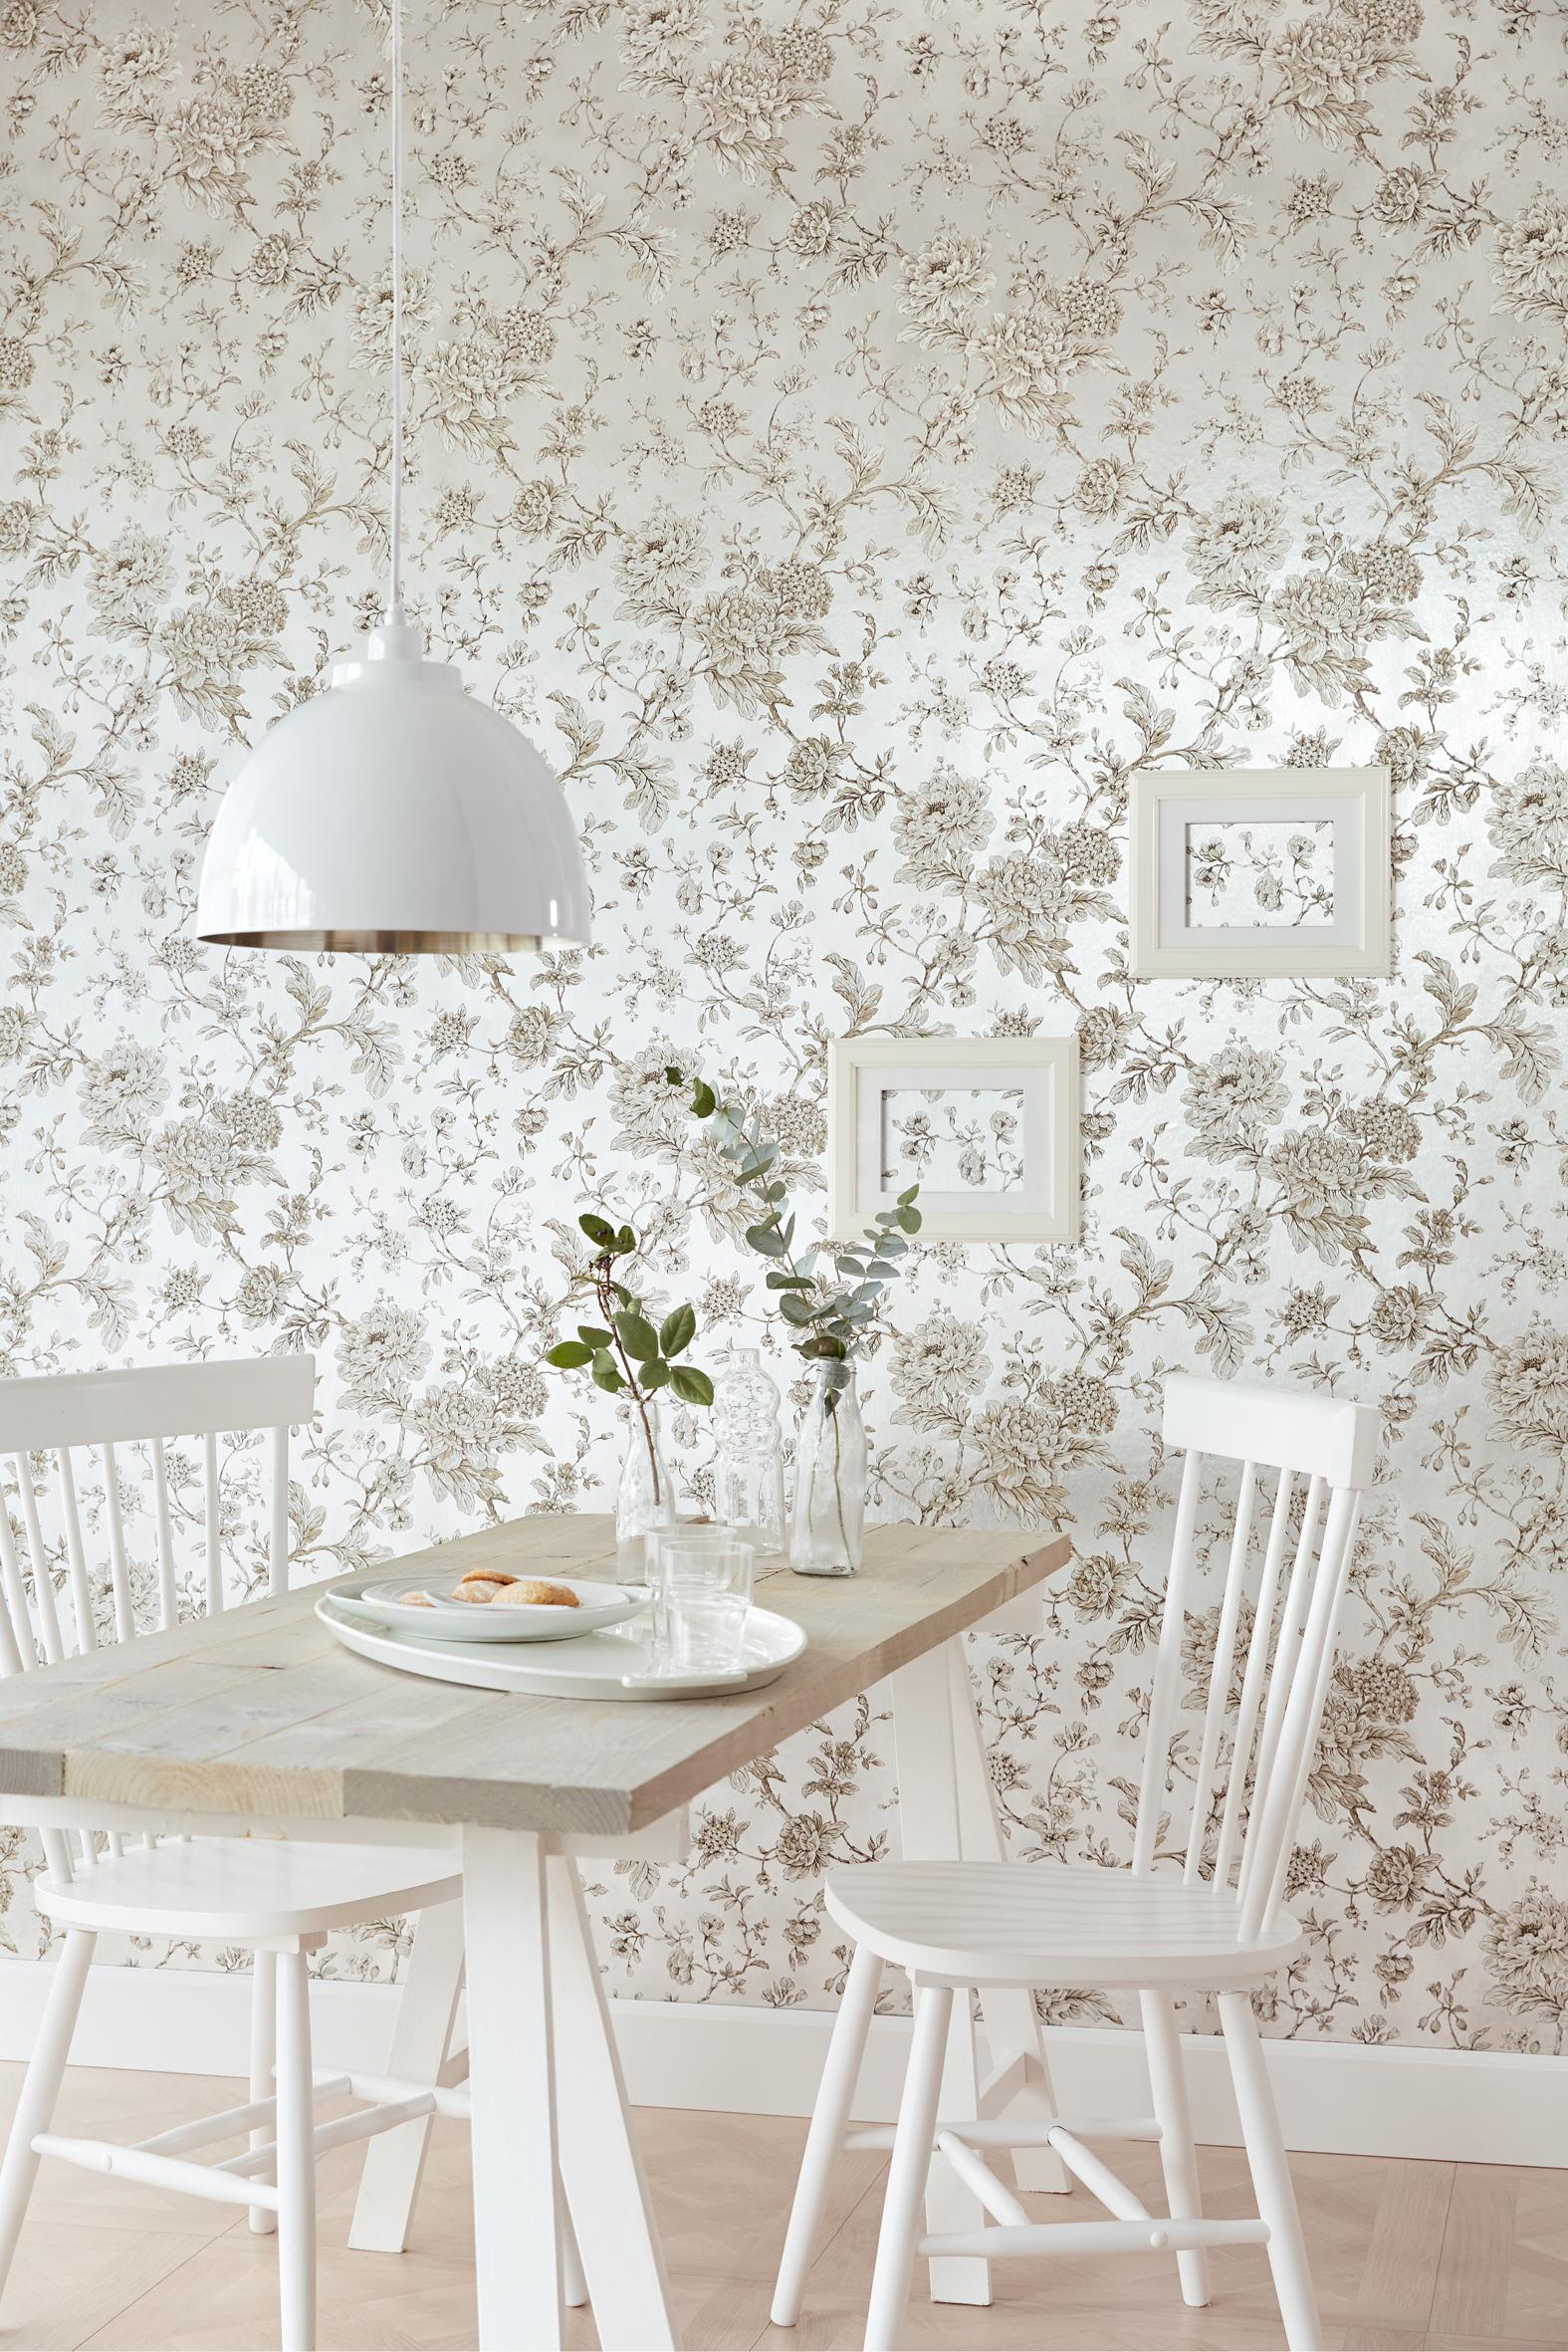 Papeles pintados con brillos plata villalba interiorismo - Papeles pintados de pared ...